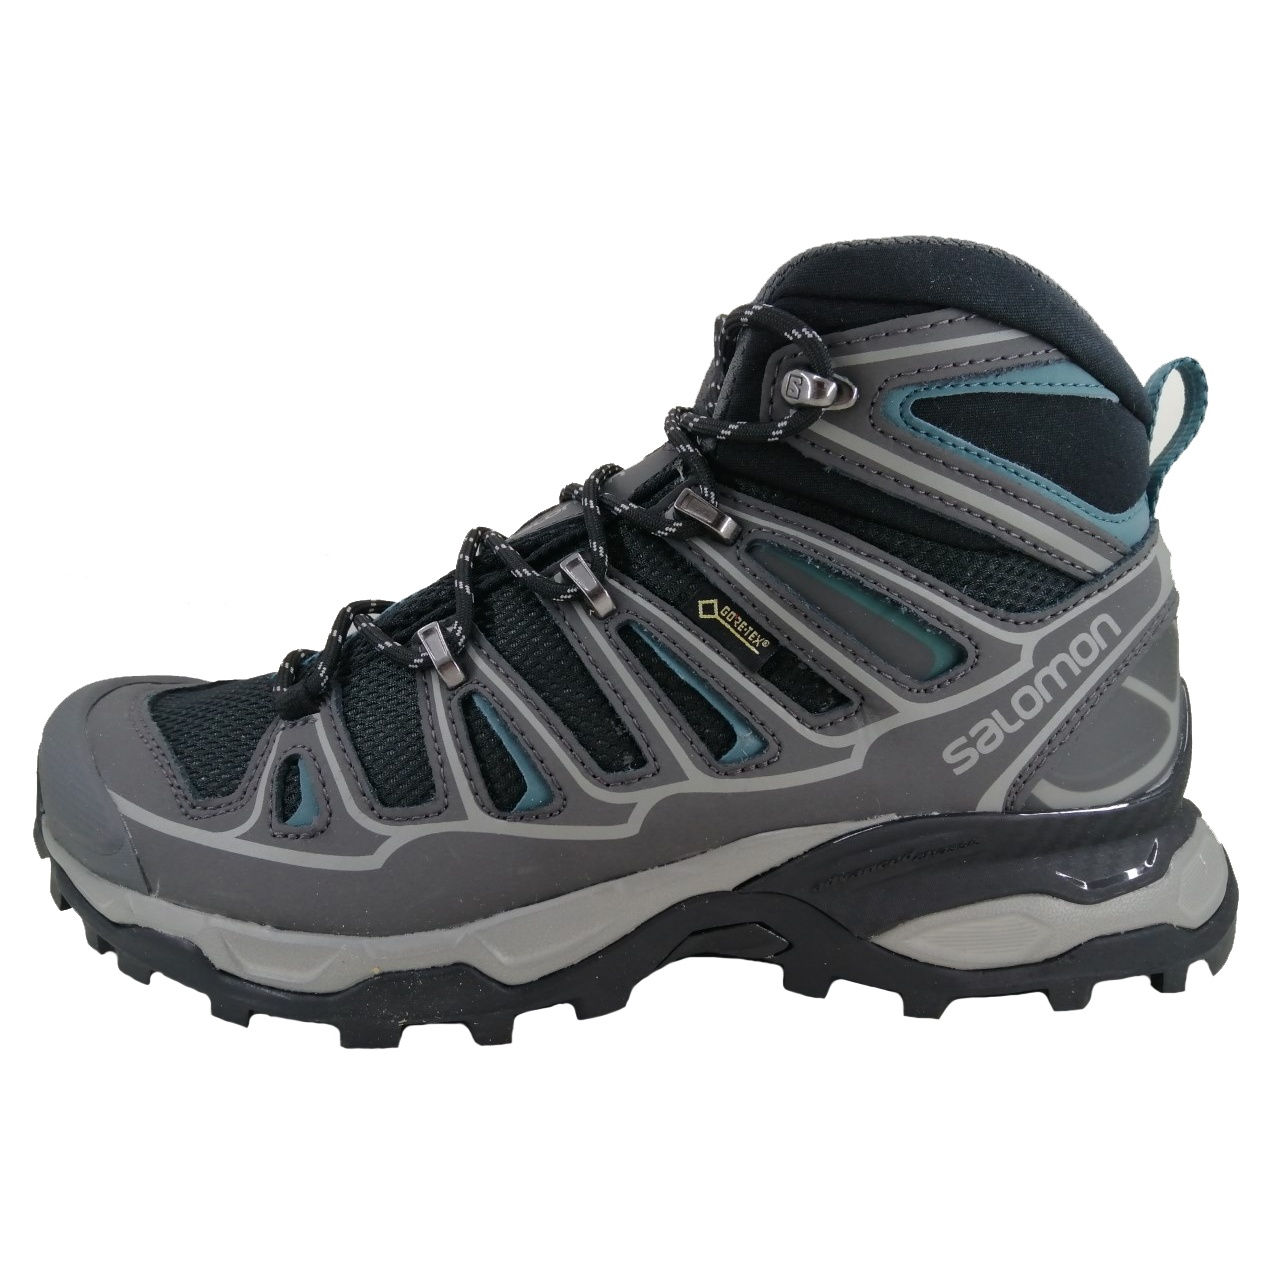 کفش کوهنوردی زنانه سالومون مدل 404751 MIR